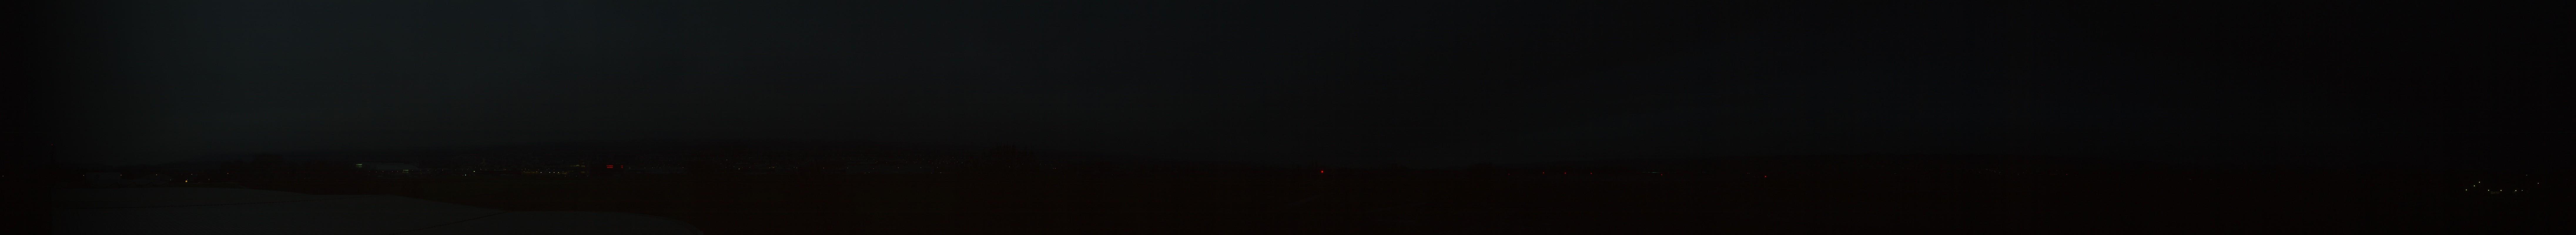 23h ago - 17:31